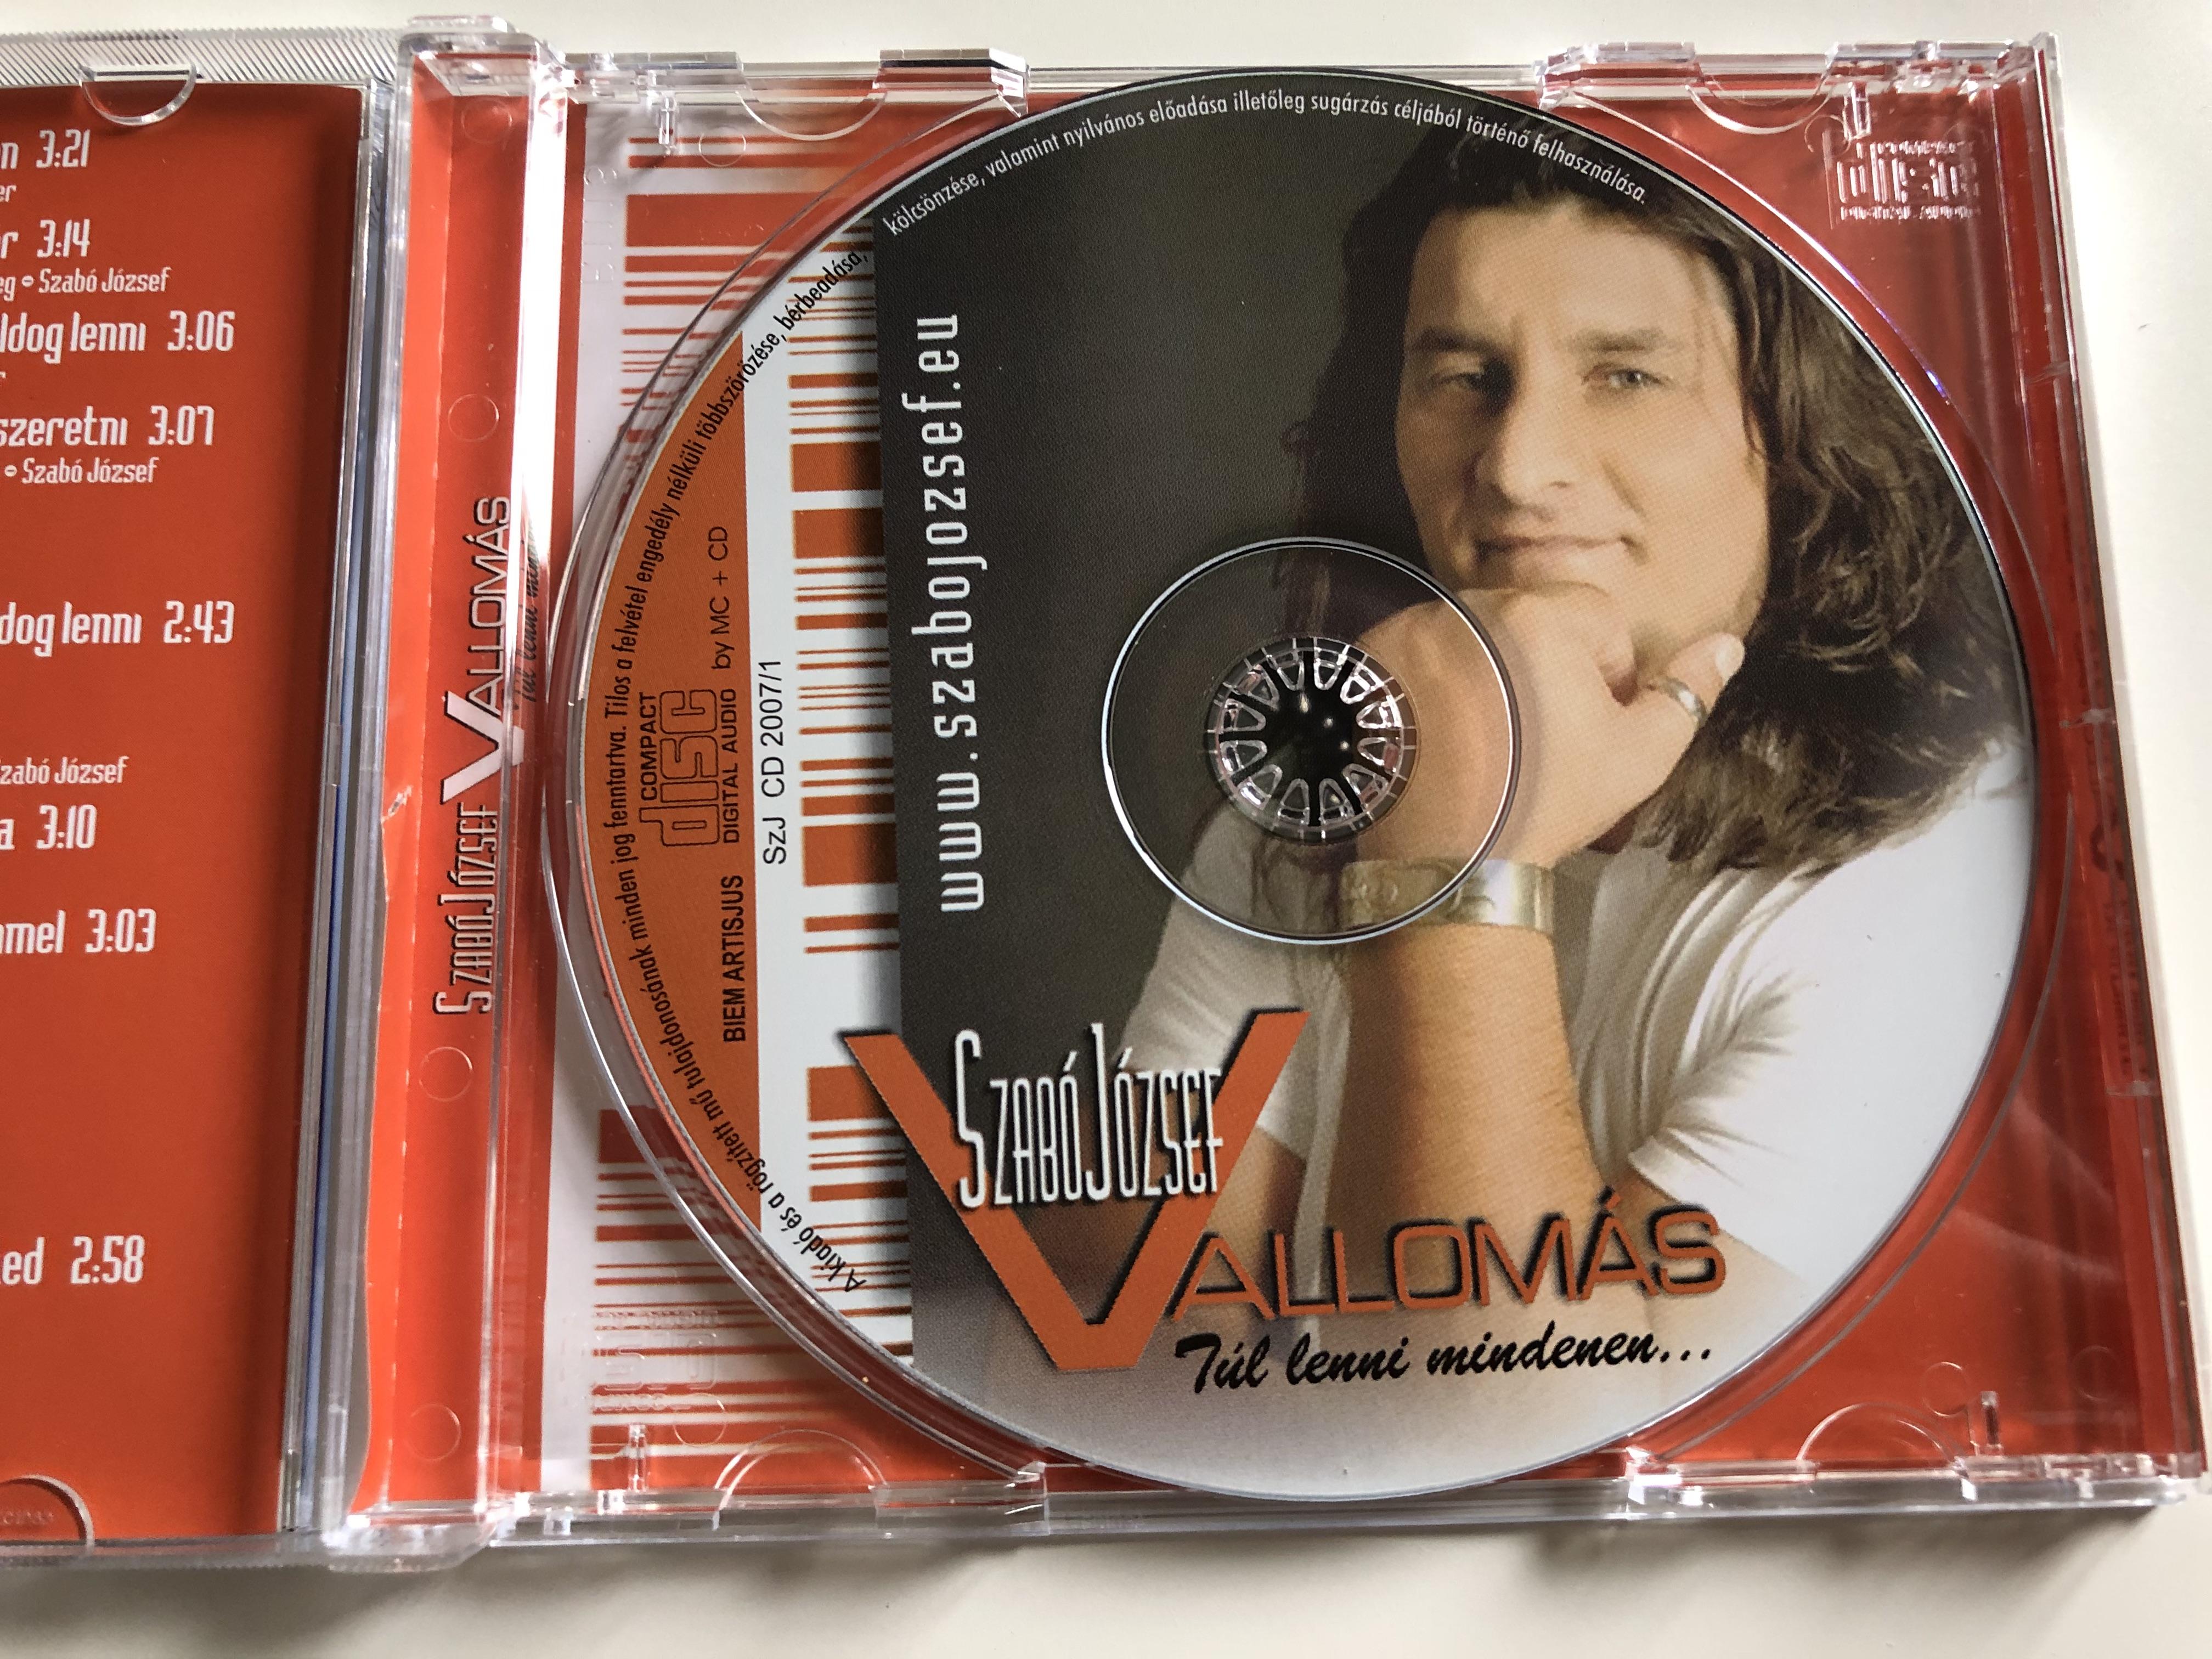 szab-j-zsef-vallom-s-t-l-lenni-mindenen-audio-cd-2007-muck-ferenc-saxophone-faith-ildik-kasz-s-p-ter-vocals-szjcd20071-5-.jpg